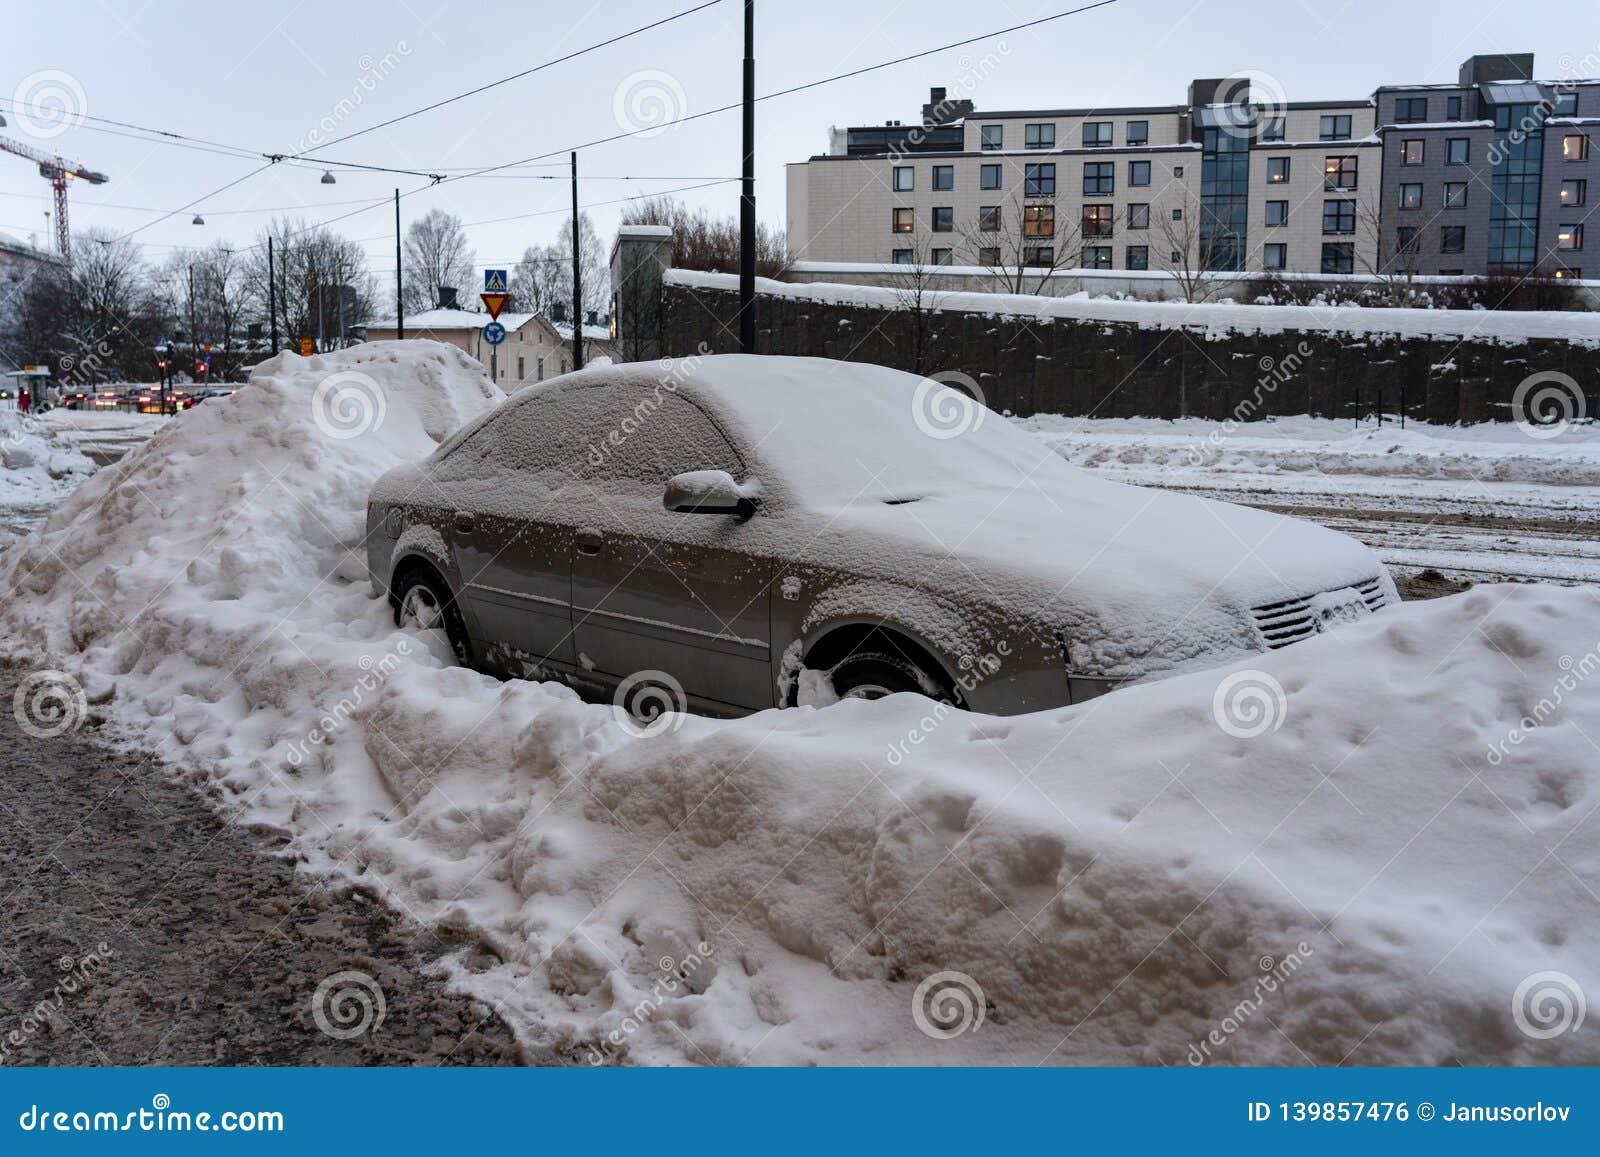 Parkendes Auto in der Stadt ist durch große Mengen Schnee umgeben worden